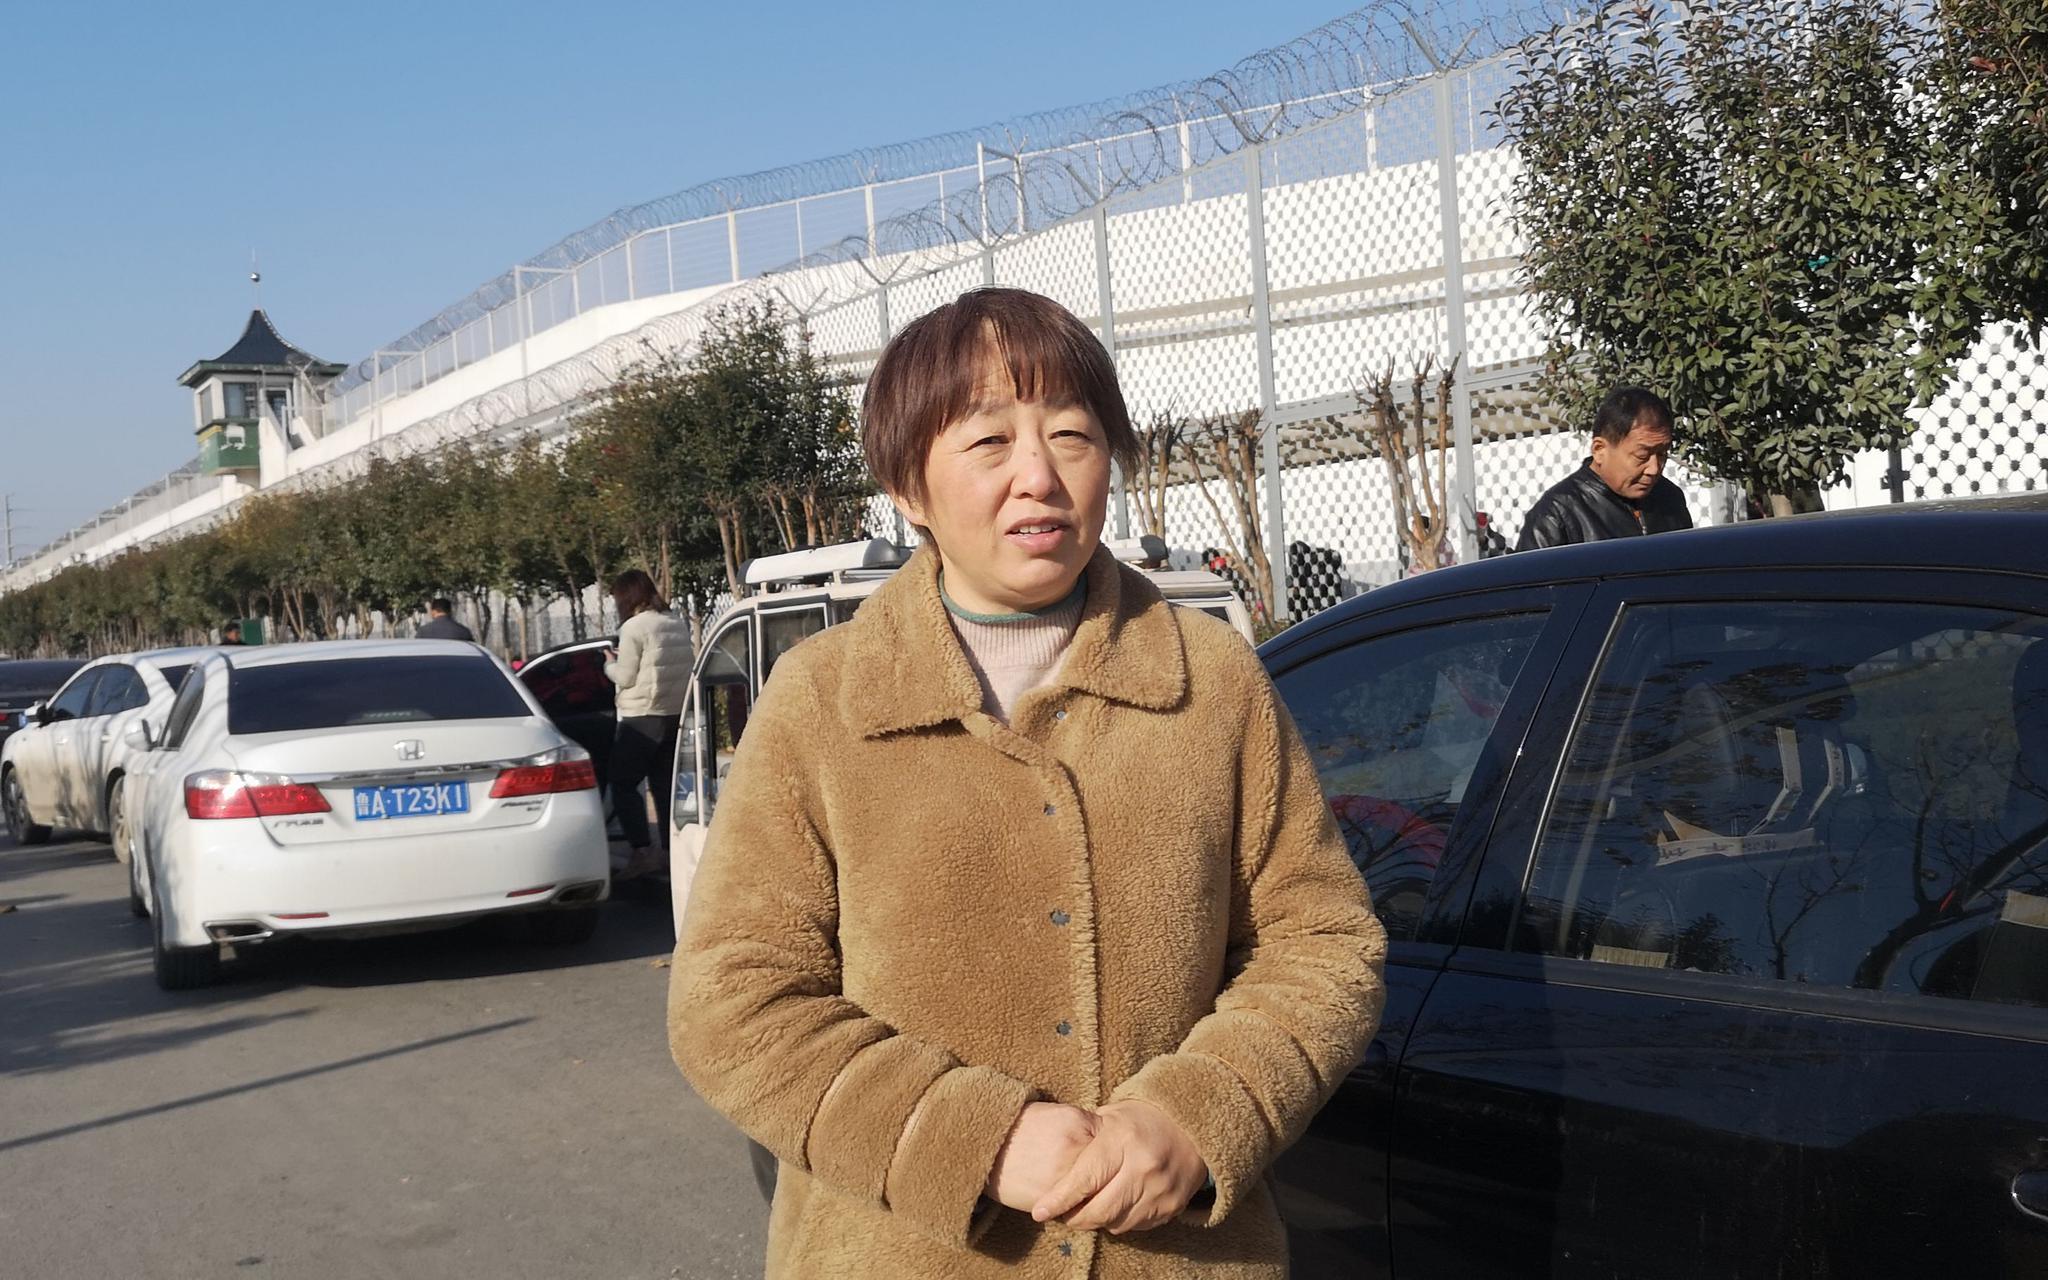 速卖通+黑帽seo_于欢母亲出狱后首见儿子:他长高了 让他别忧郁家